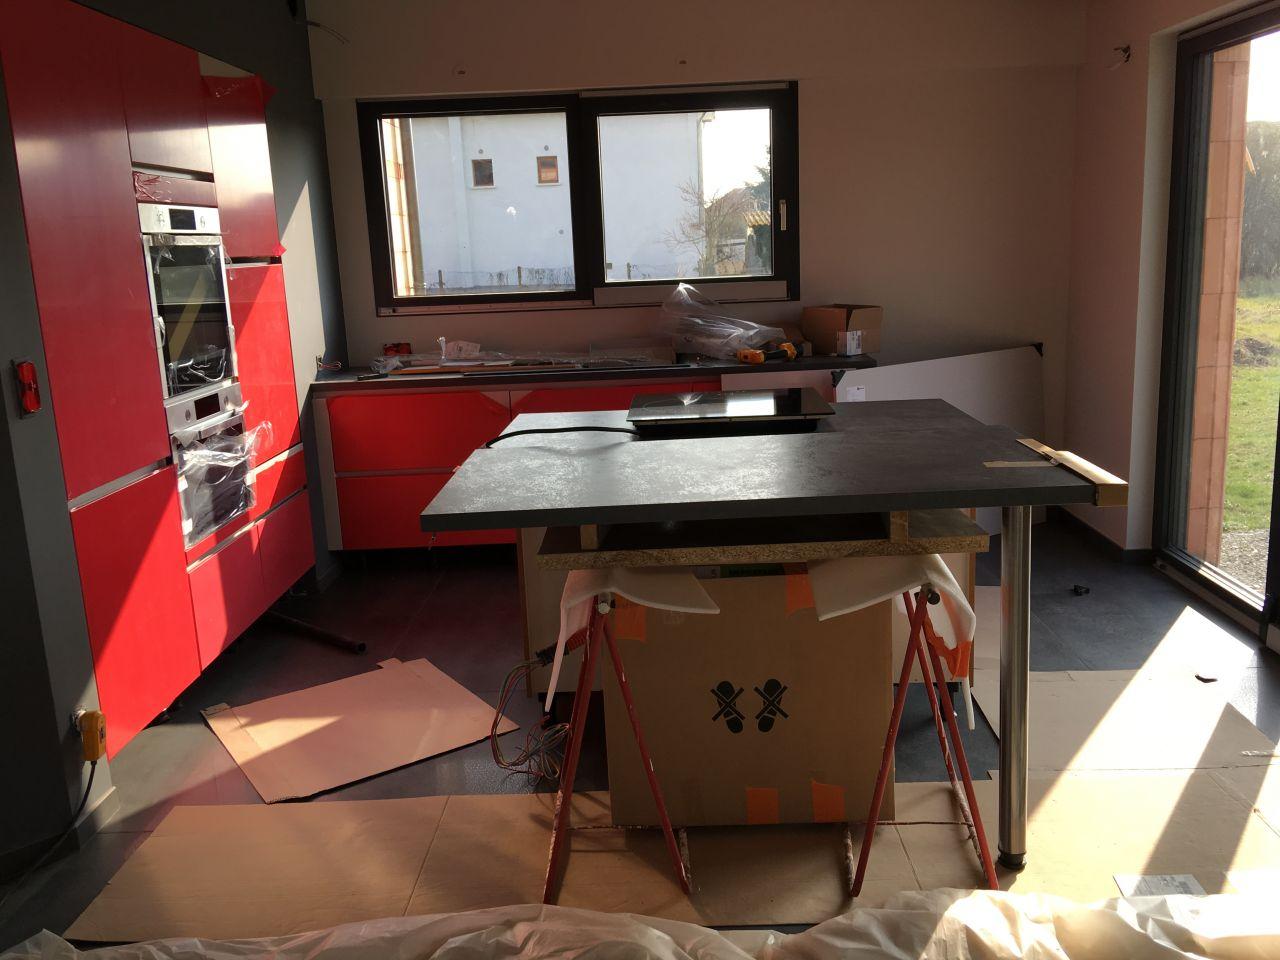 lustre la case de cousin paul on avance pose cuisine roanne loire. Black Bedroom Furniture Sets. Home Design Ideas